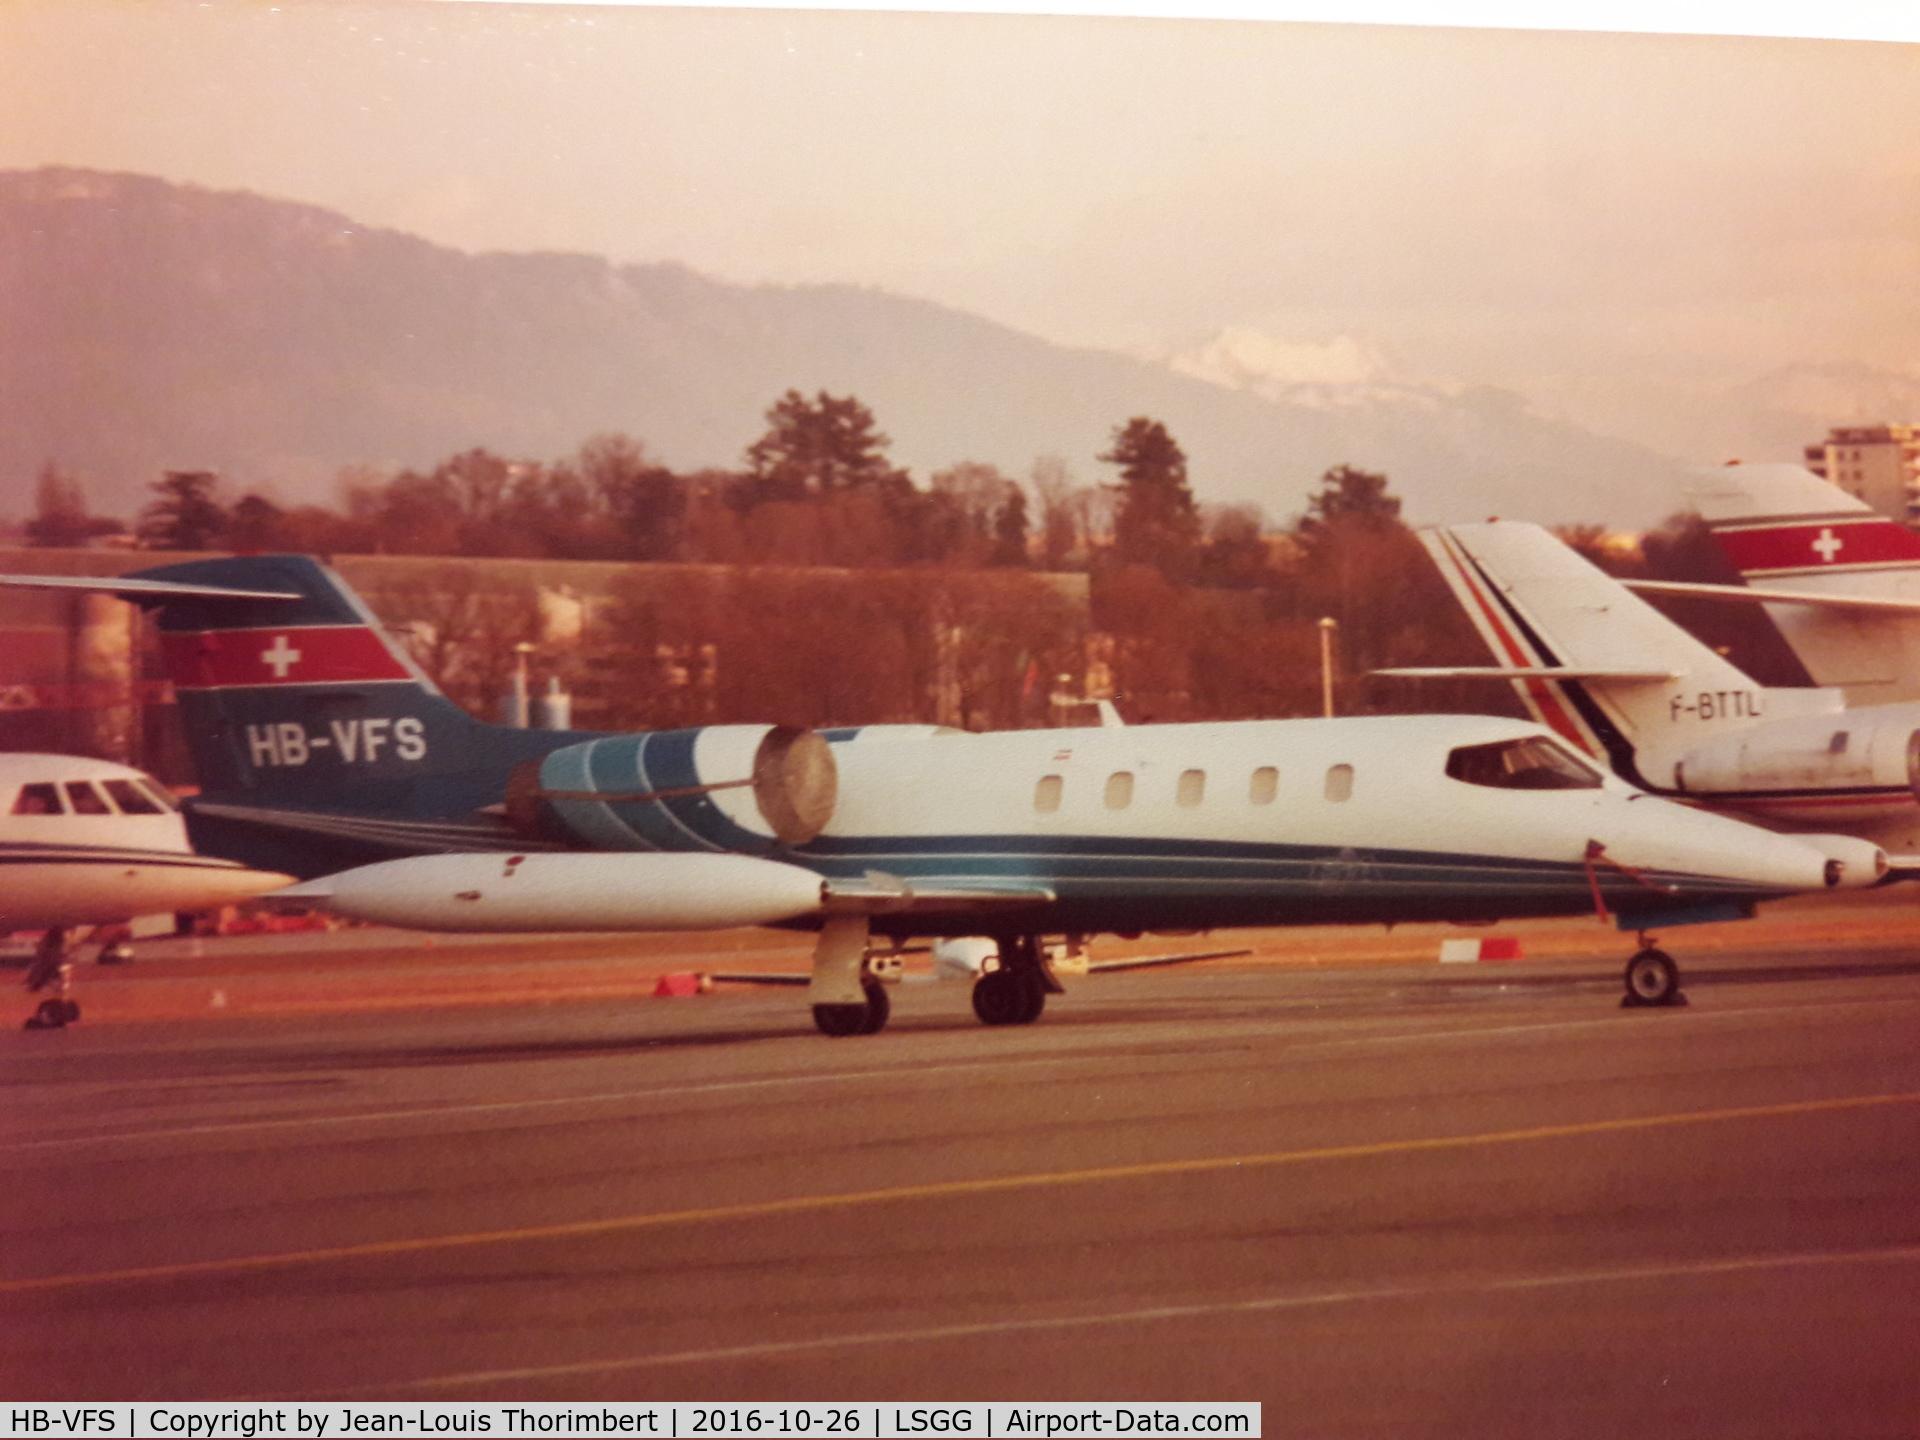 HB-VFS, 1978 Learjet 36A C/N 042, Learjet 36A, Cointrin (LSGG-GVA), approximately 1980